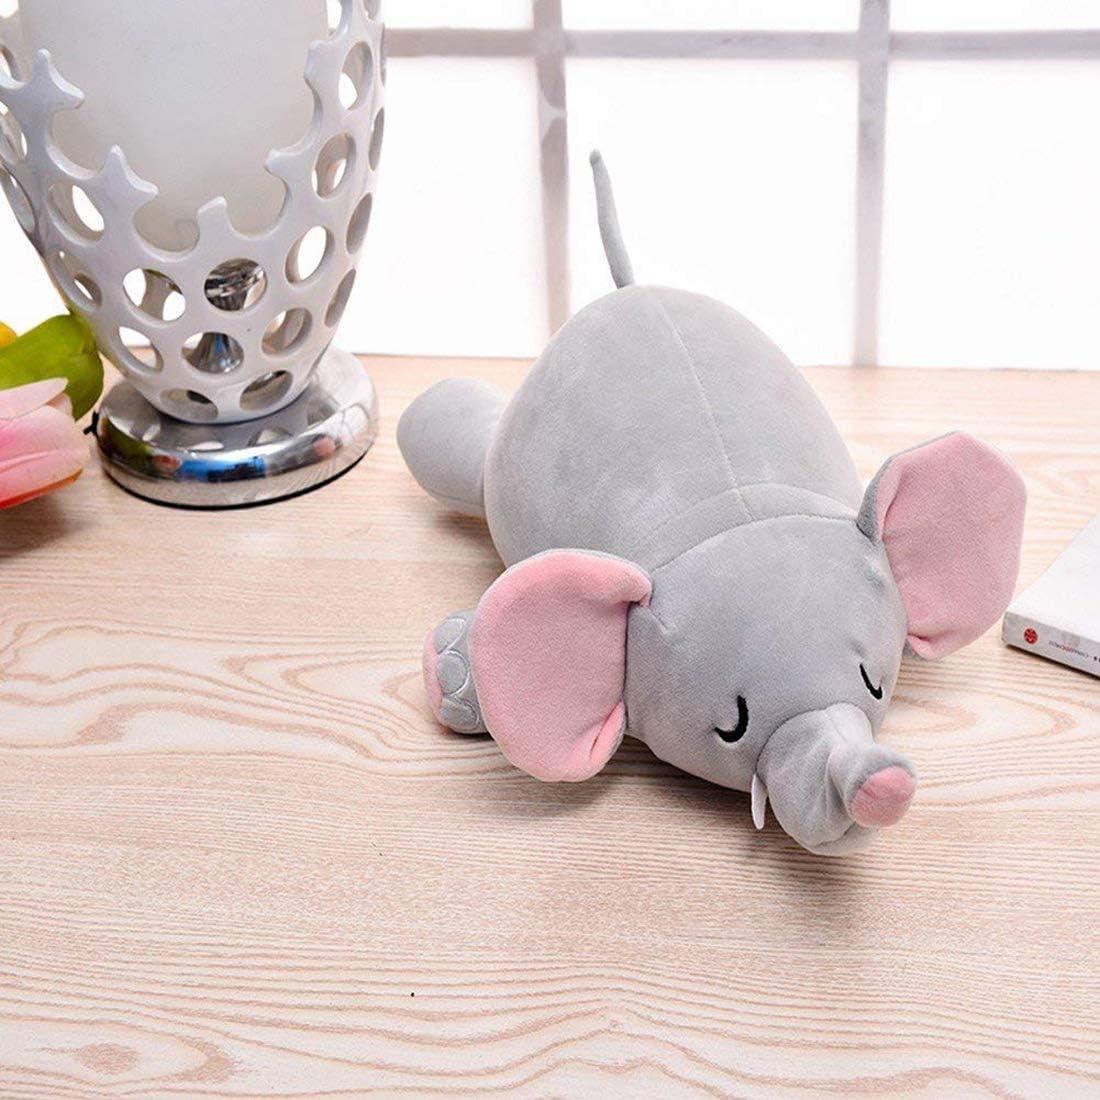 Yuccer Reisekissen Memory Foam Flugzeug Neck Pillow f/ür Reisen B/üro und Zuhause Nackenkissen mit St/ützender Funktion Nackenh/örnchen Plush Toy Elefant